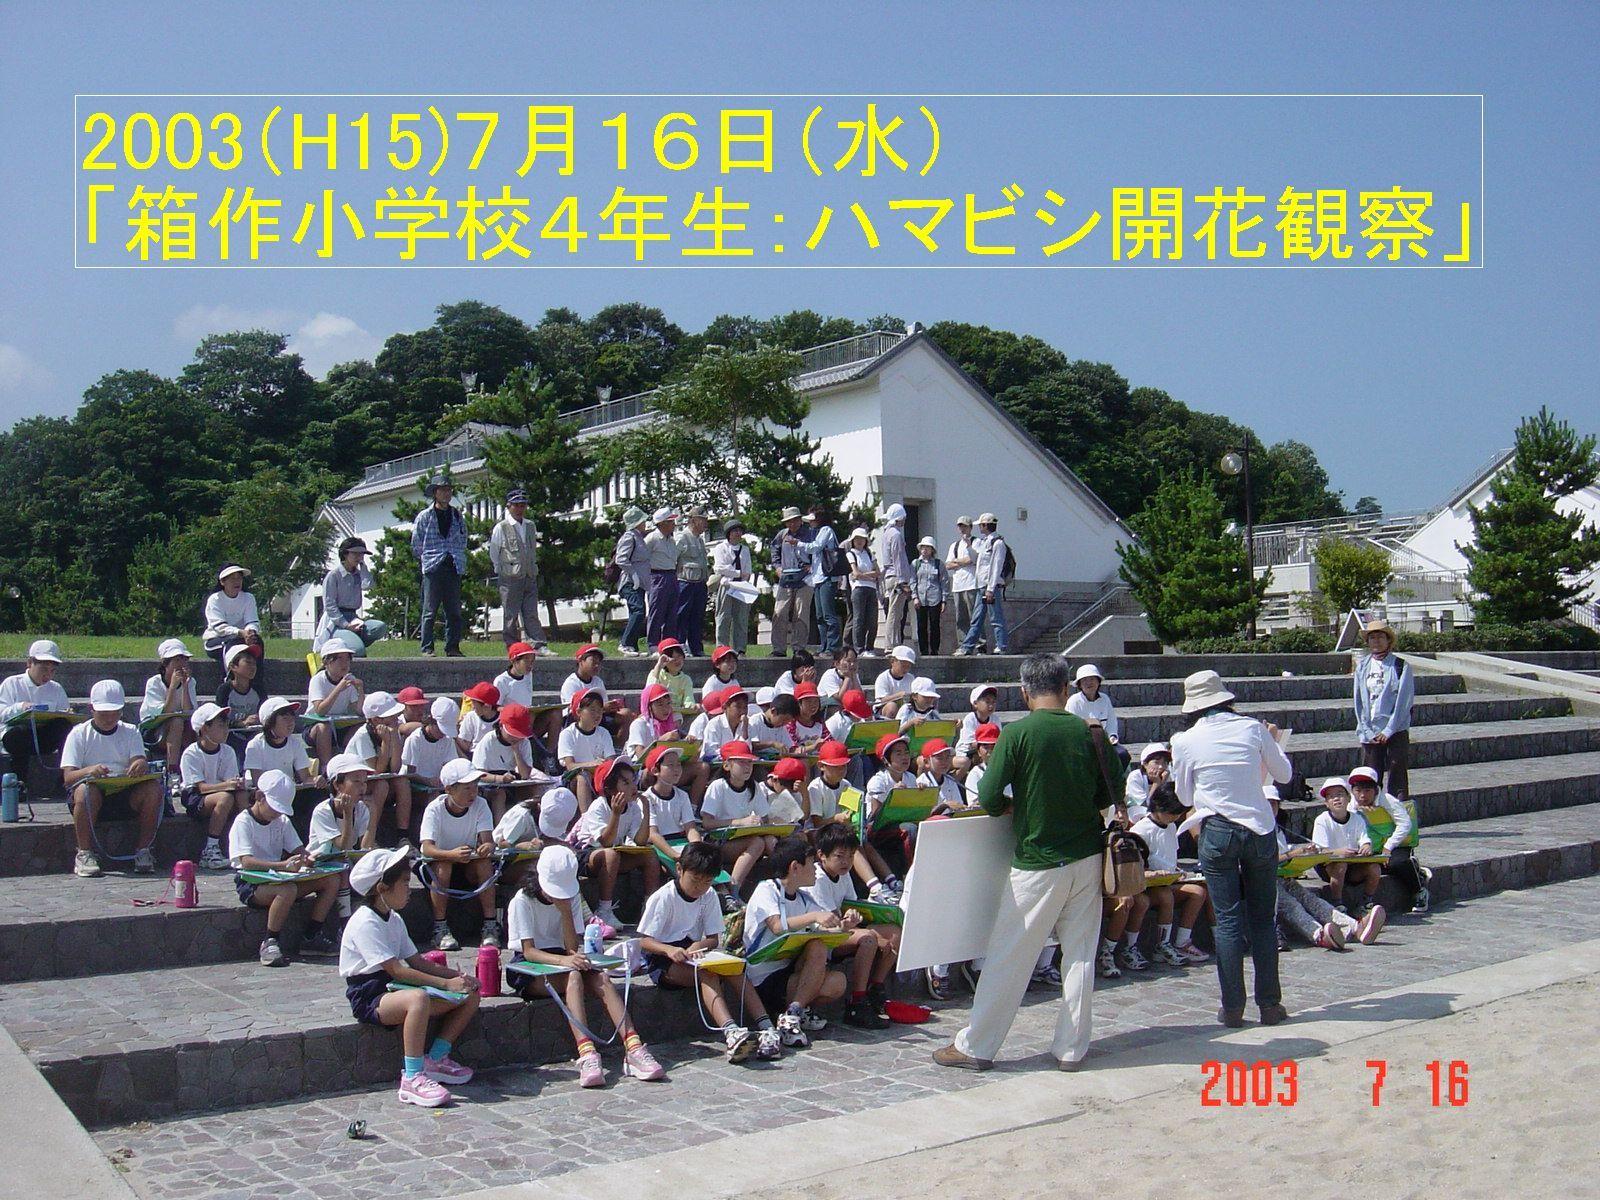 うみべの森の歴史⑭「2003年7月の活動」_c0108460_12311562.jpg